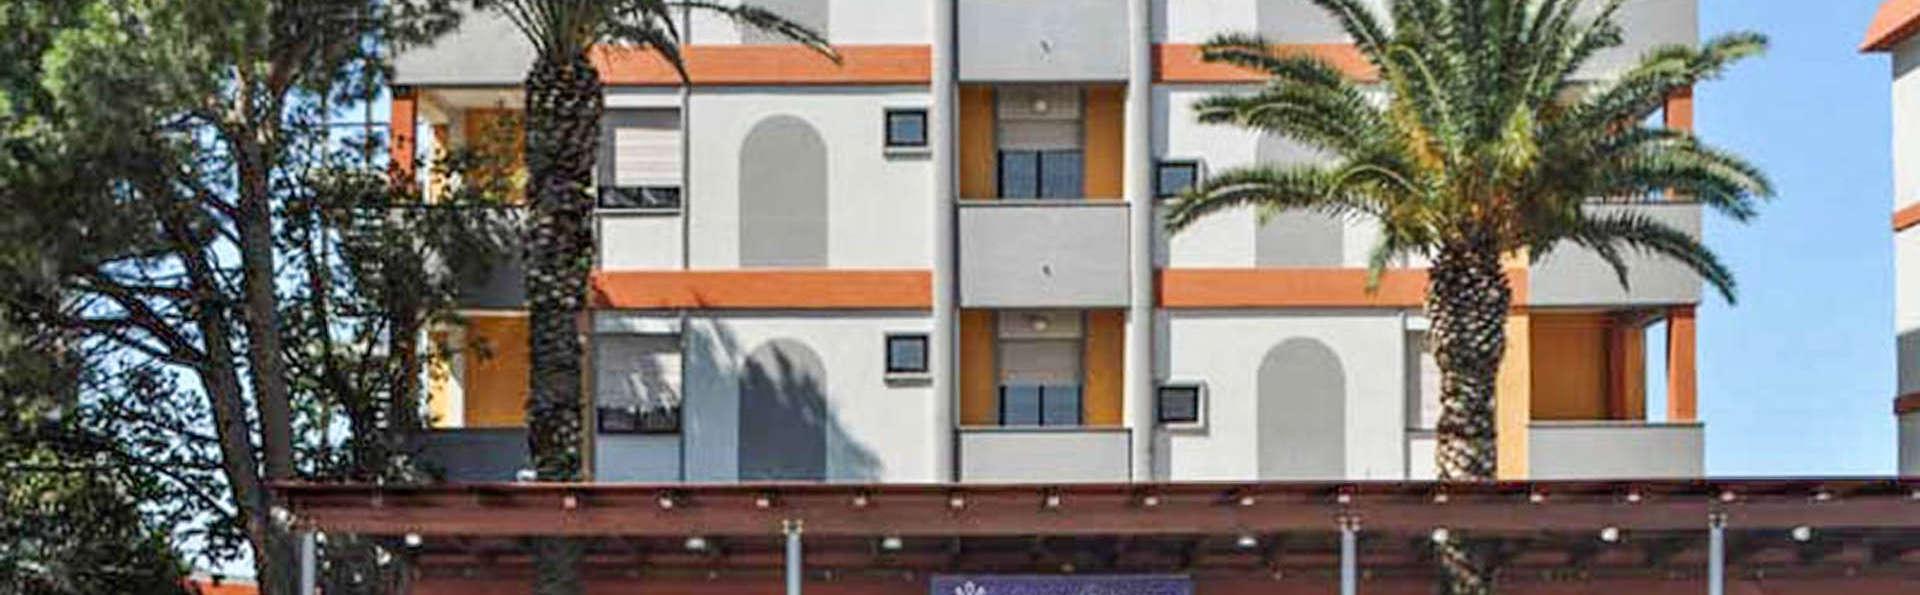 Hotel Califfo - EDIT_Hotel_Califfo_fronte_picc_01.JPG